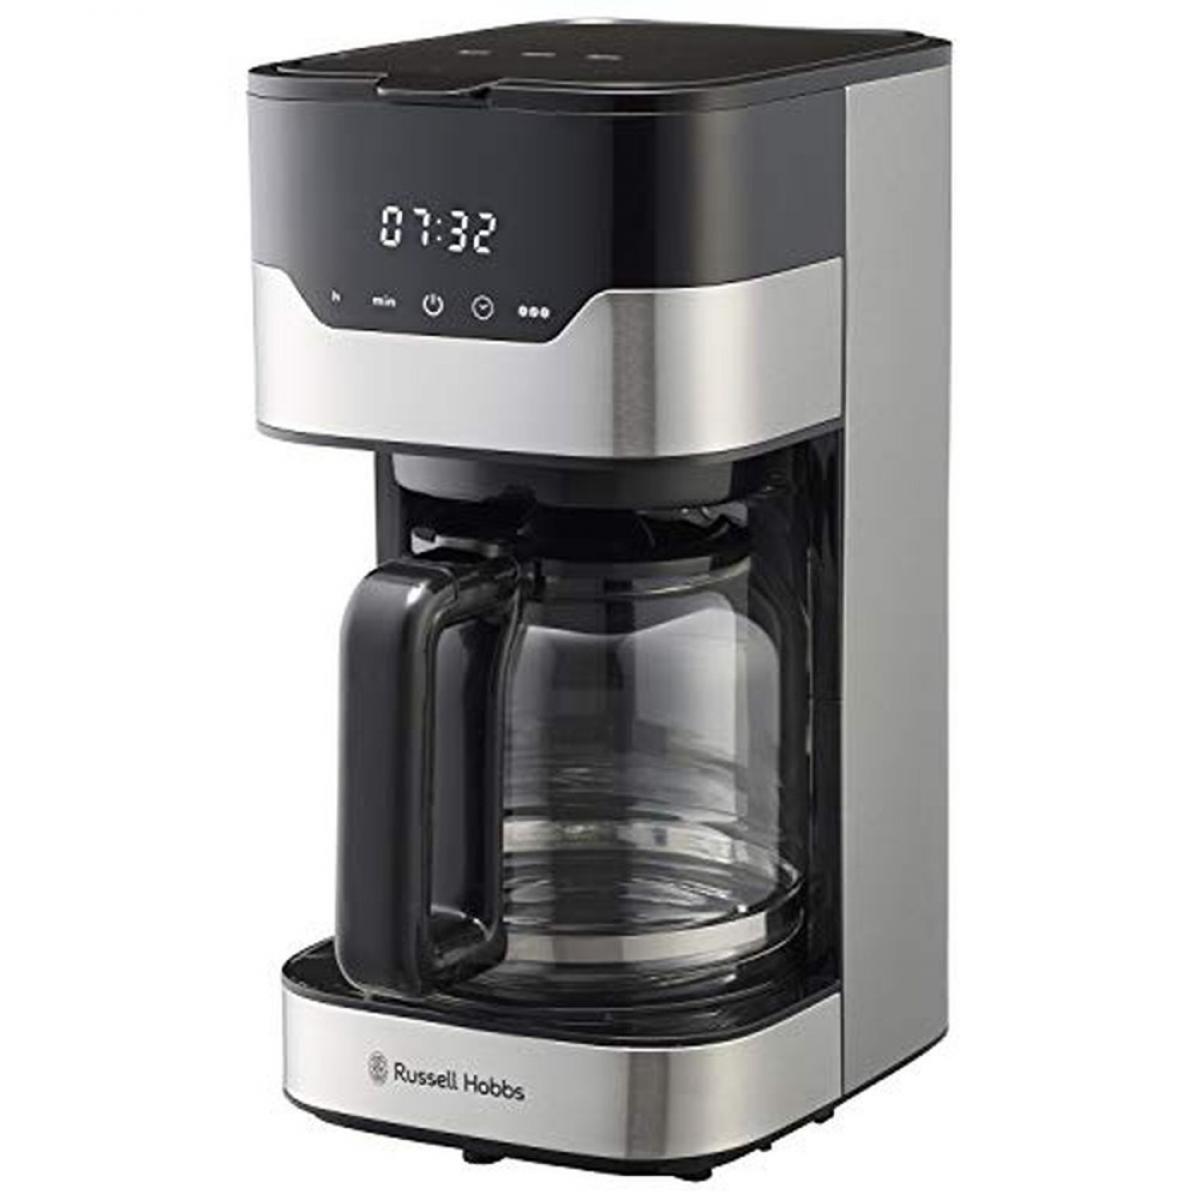 ラッセルホブス コーヒーメーカー グランドリップ 8杯 ペーパーフィルター不要 タイマー 7651JP